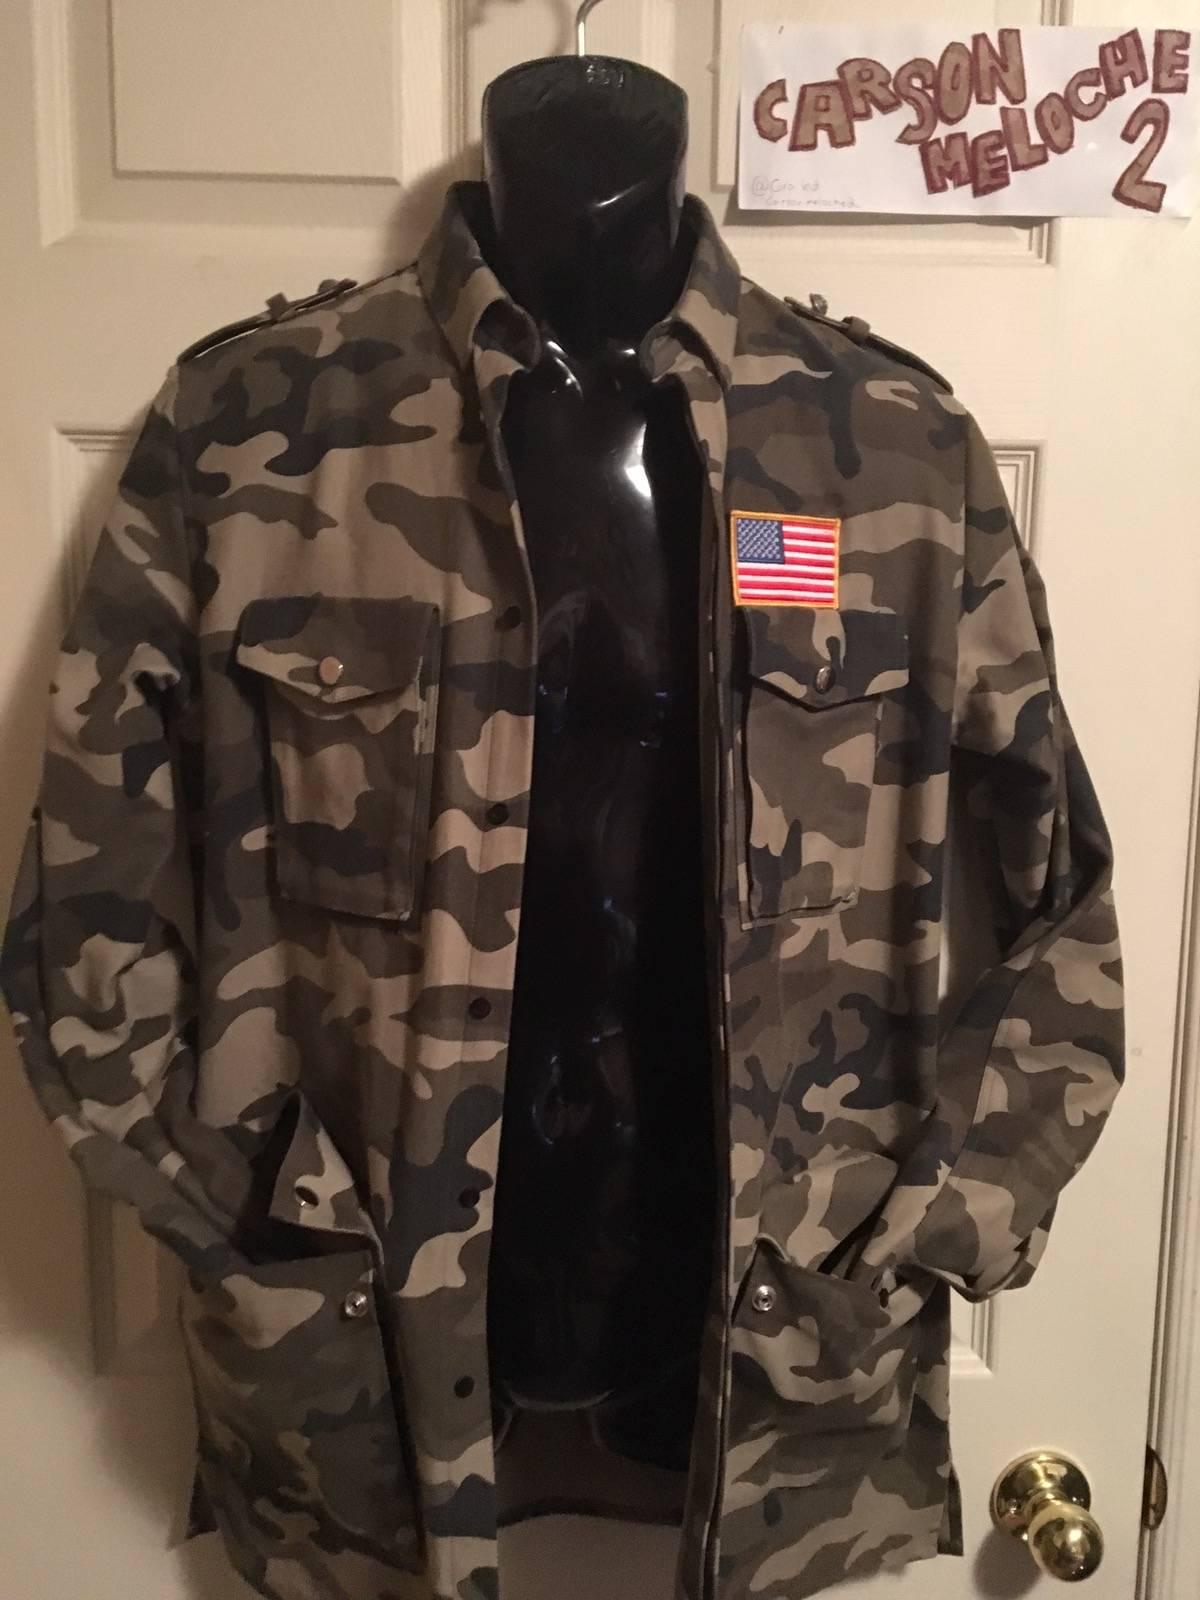 6de6ee2b Balmain Balmain Camo Jacket (size 39)   Grailed